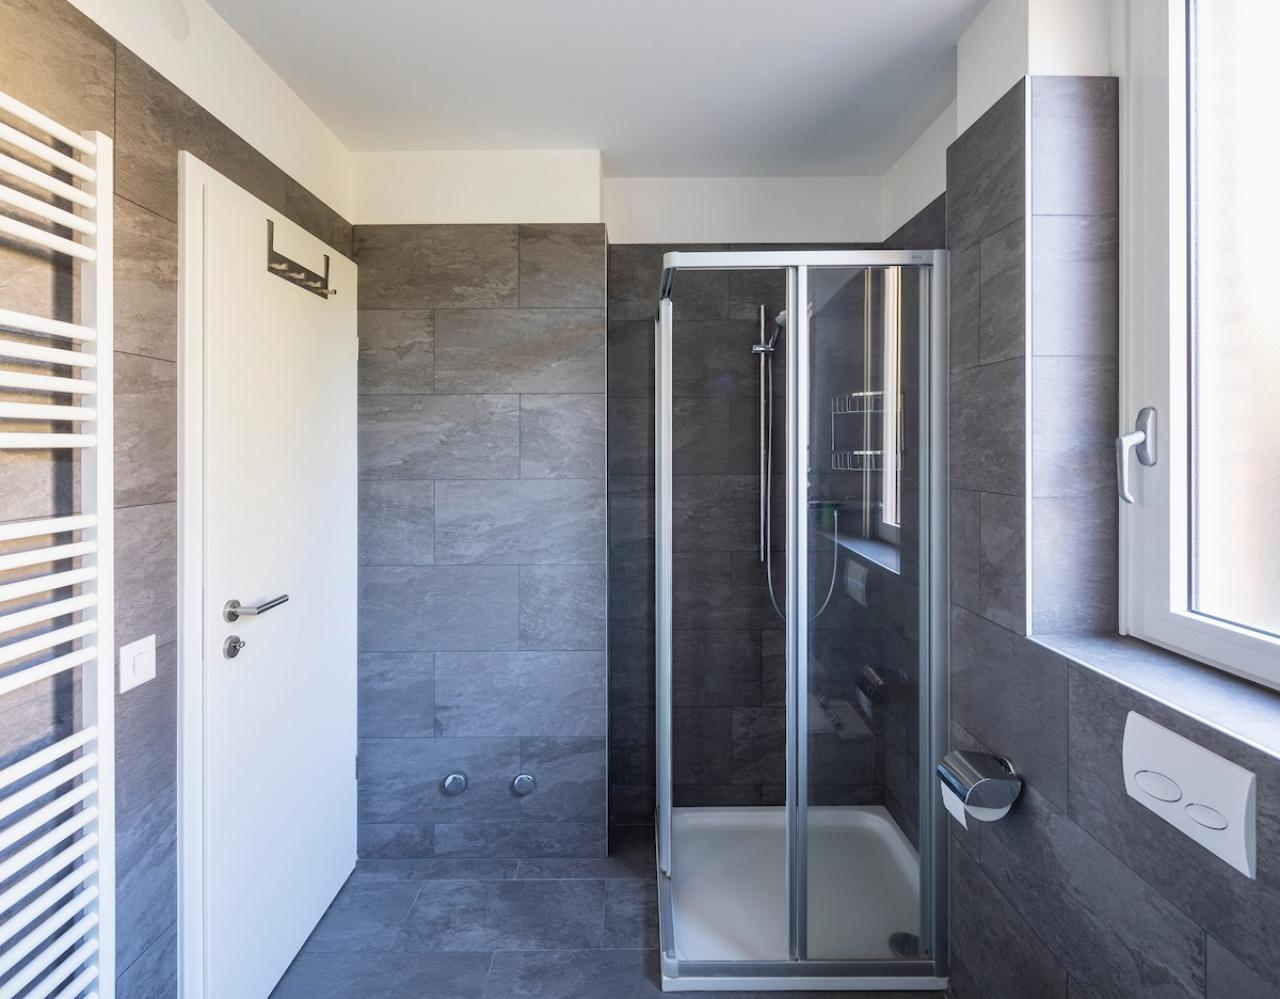 Ristrutturare Bagno Casa In Affitto : Ristrutturazione bagno casa in affitto bella affitto casa